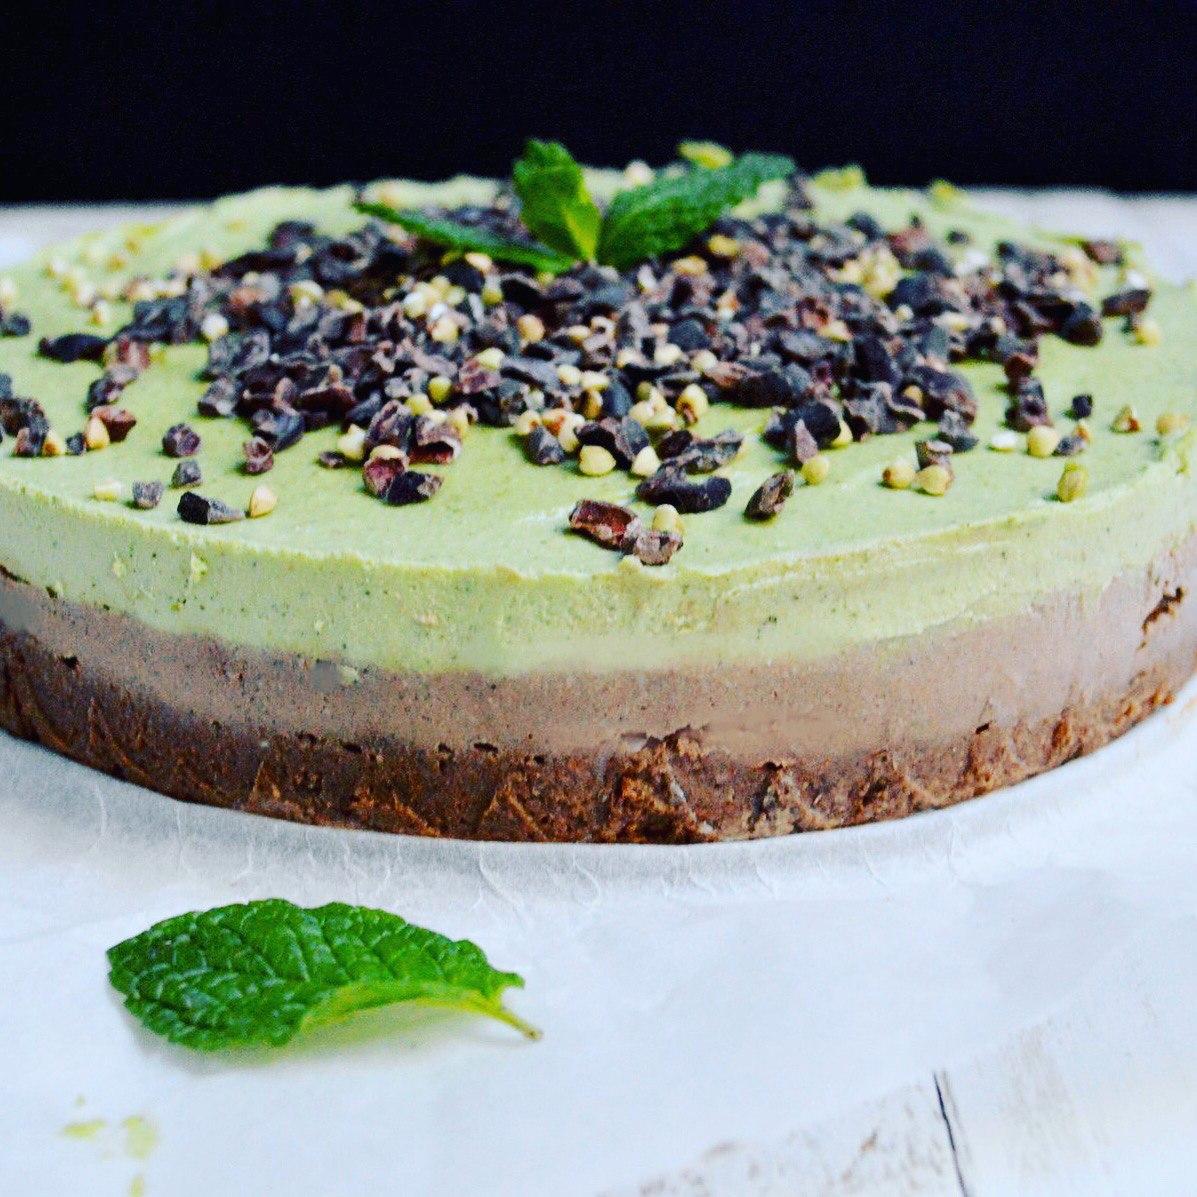 случае появления сыроедческие торты рецепты с фото выборе кухни новой